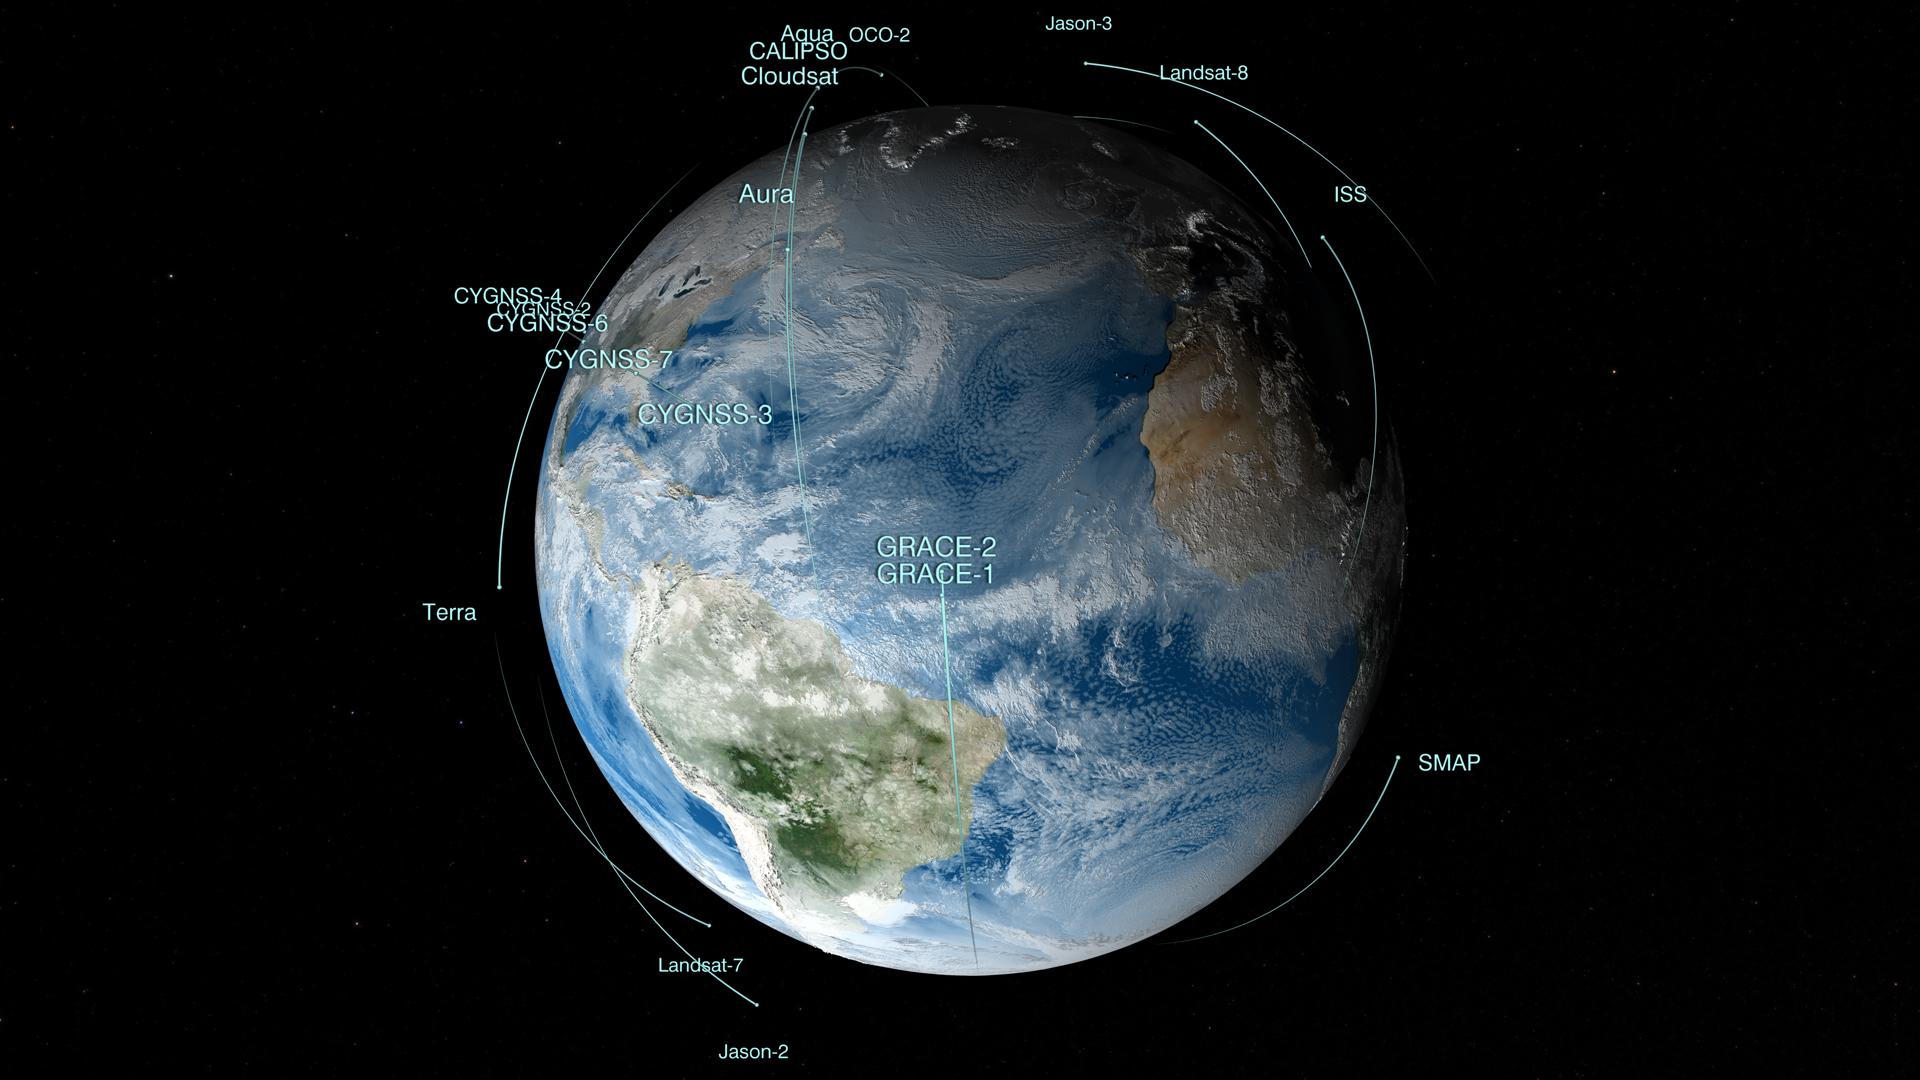 Coś dla fanów astronomii - Google Earth pozwoli dosłownie spojrzeć w gwiazdy